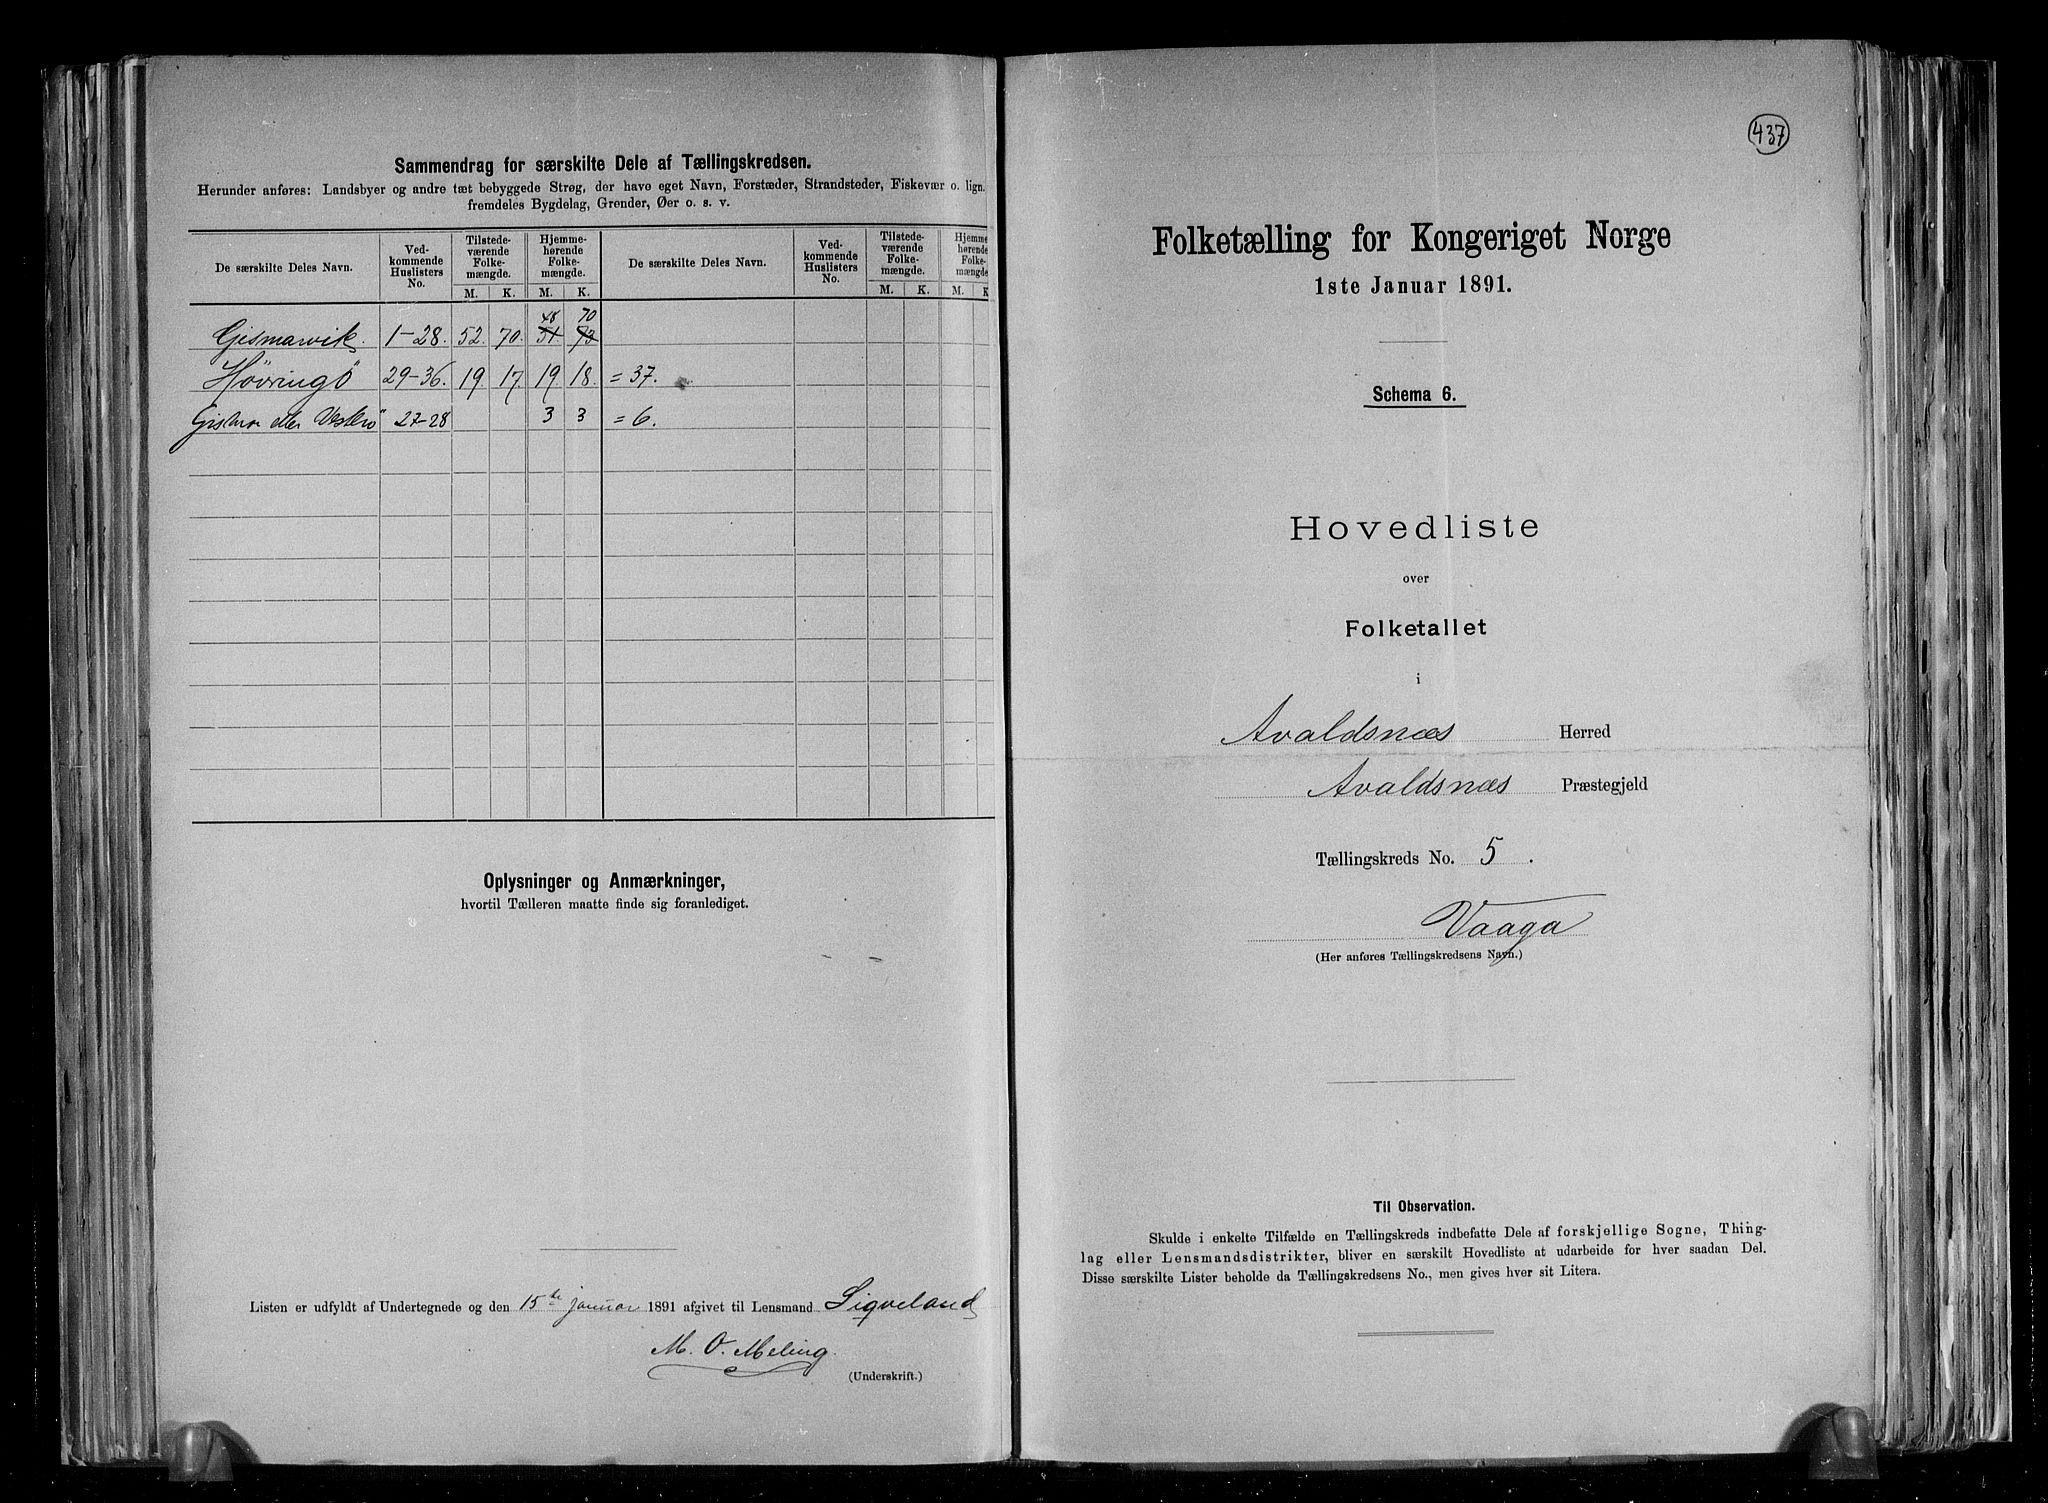 RA, Folketelling 1891 for 1147 Avaldsnes herred, 1891, s. 30